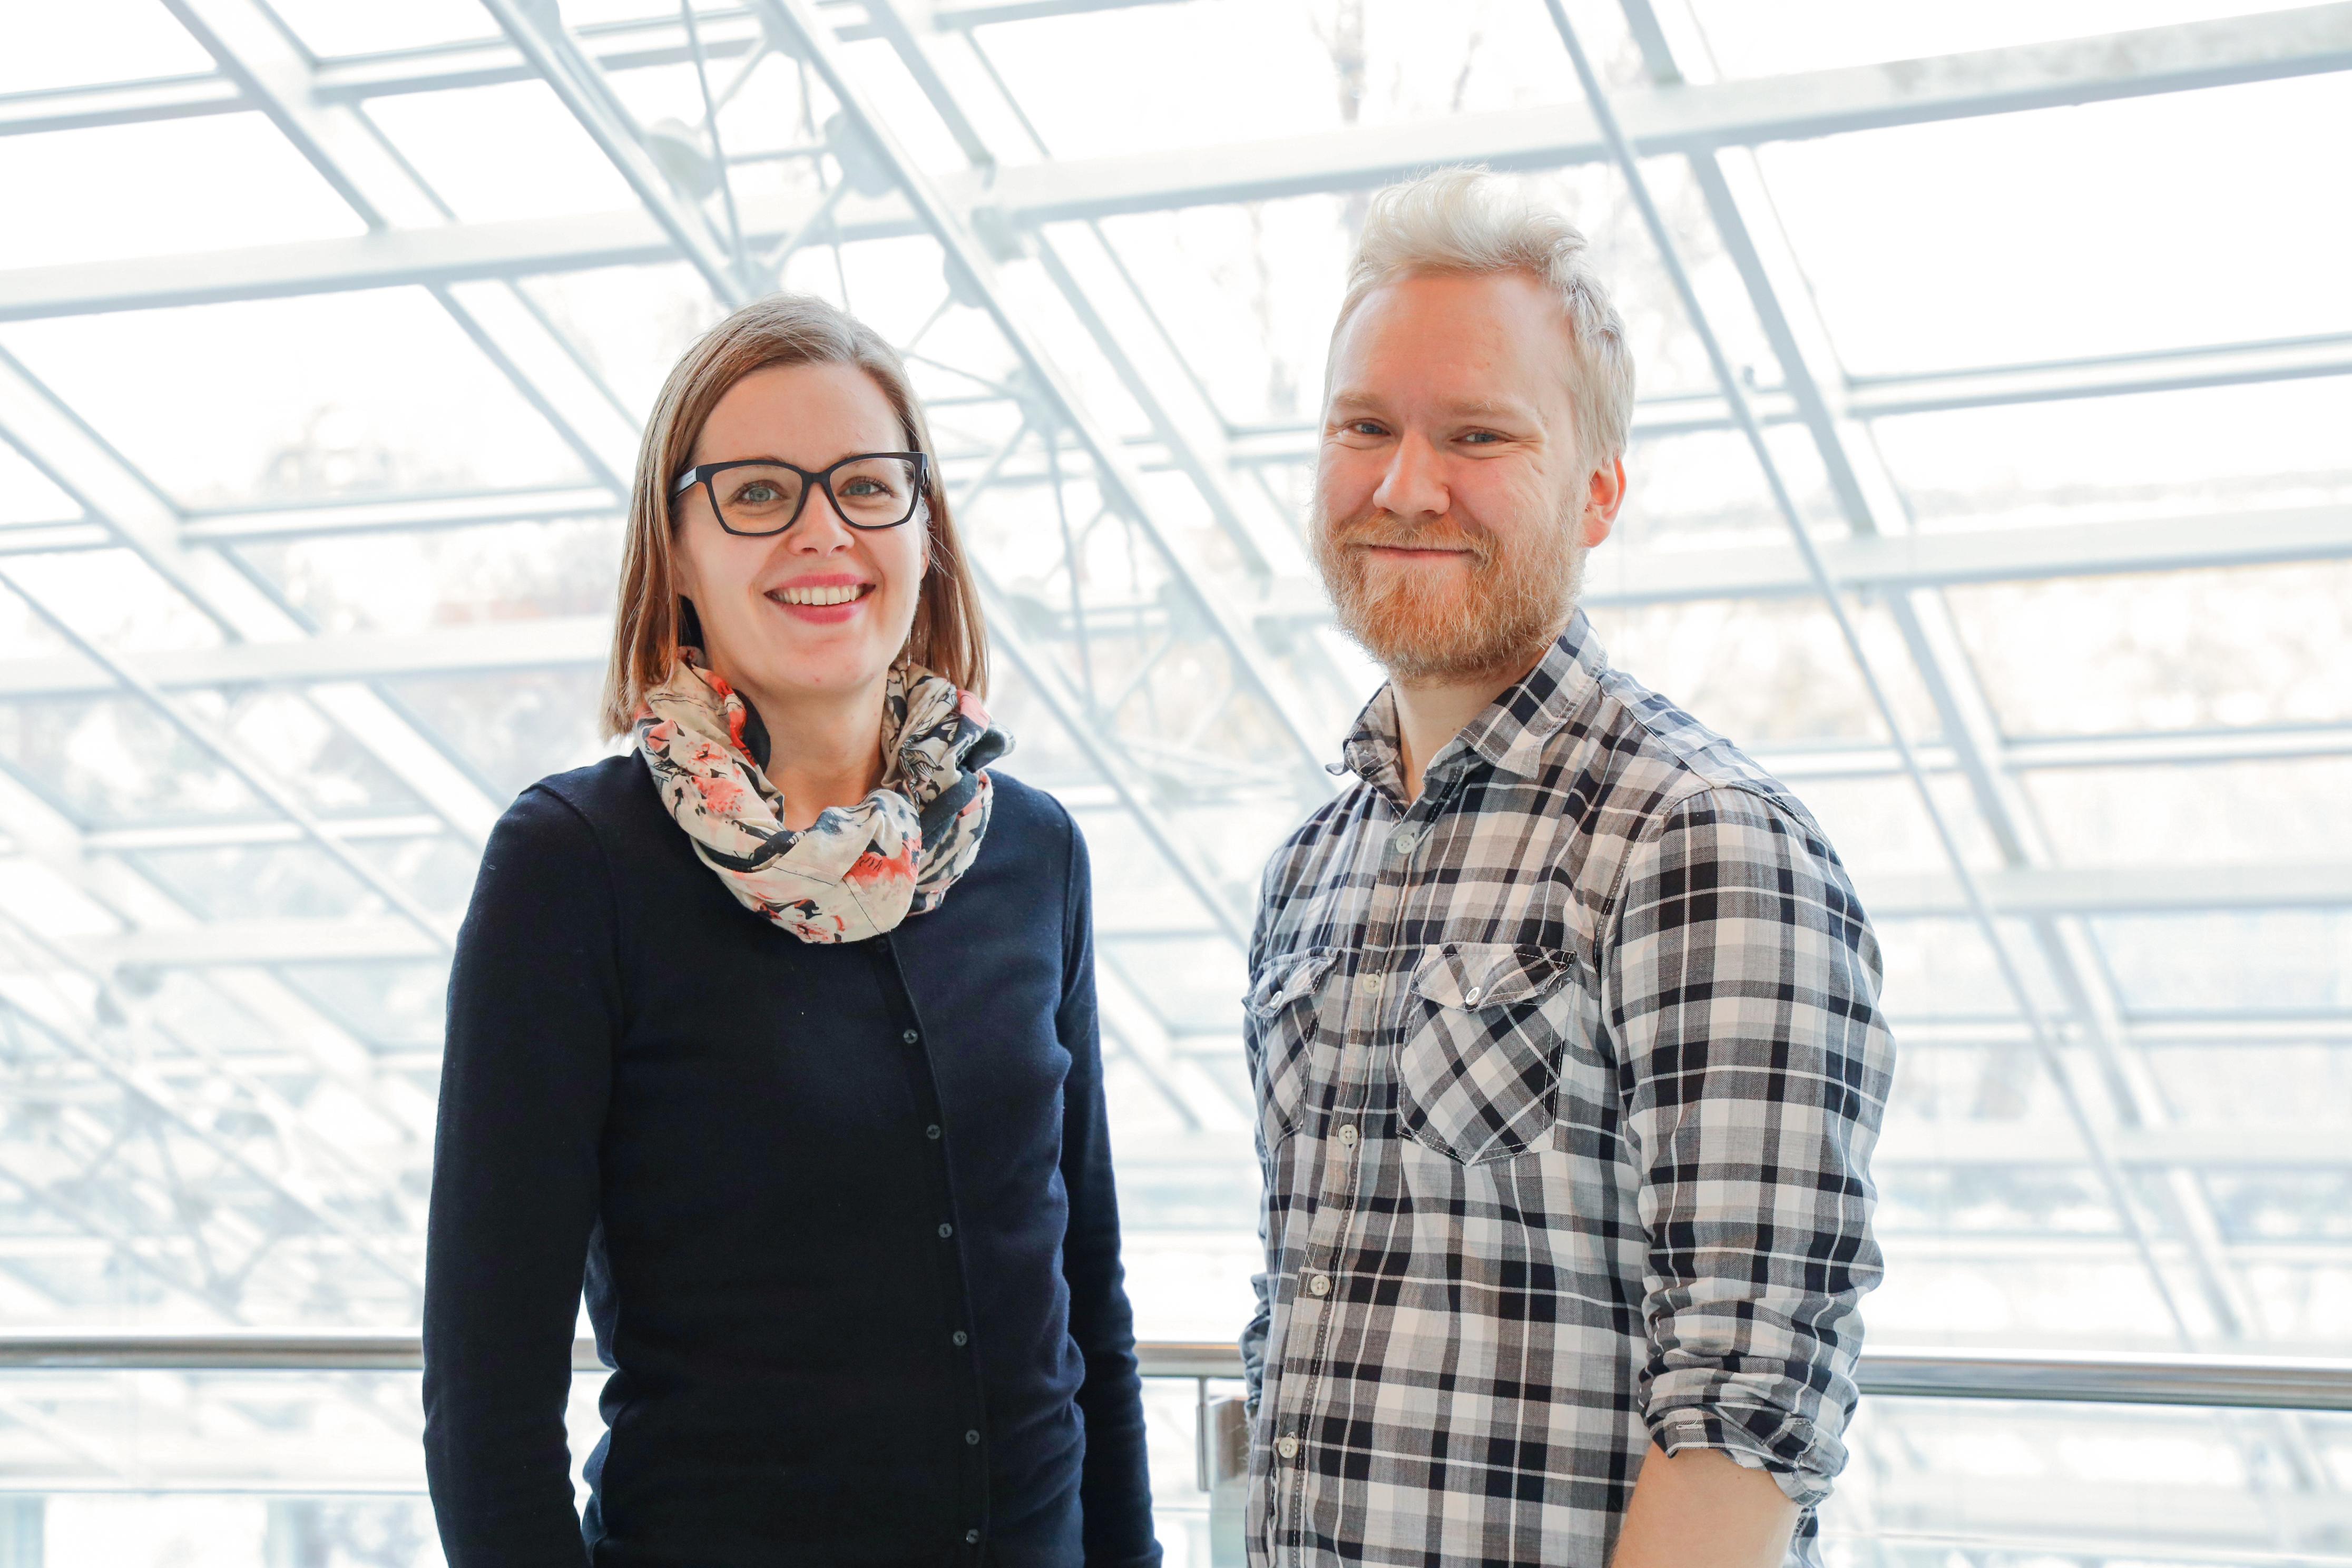 Tampere-talon vahvistaa viestintäänsä – viestintäpäälliköt tukevat kasvun ja uudistumisen ...